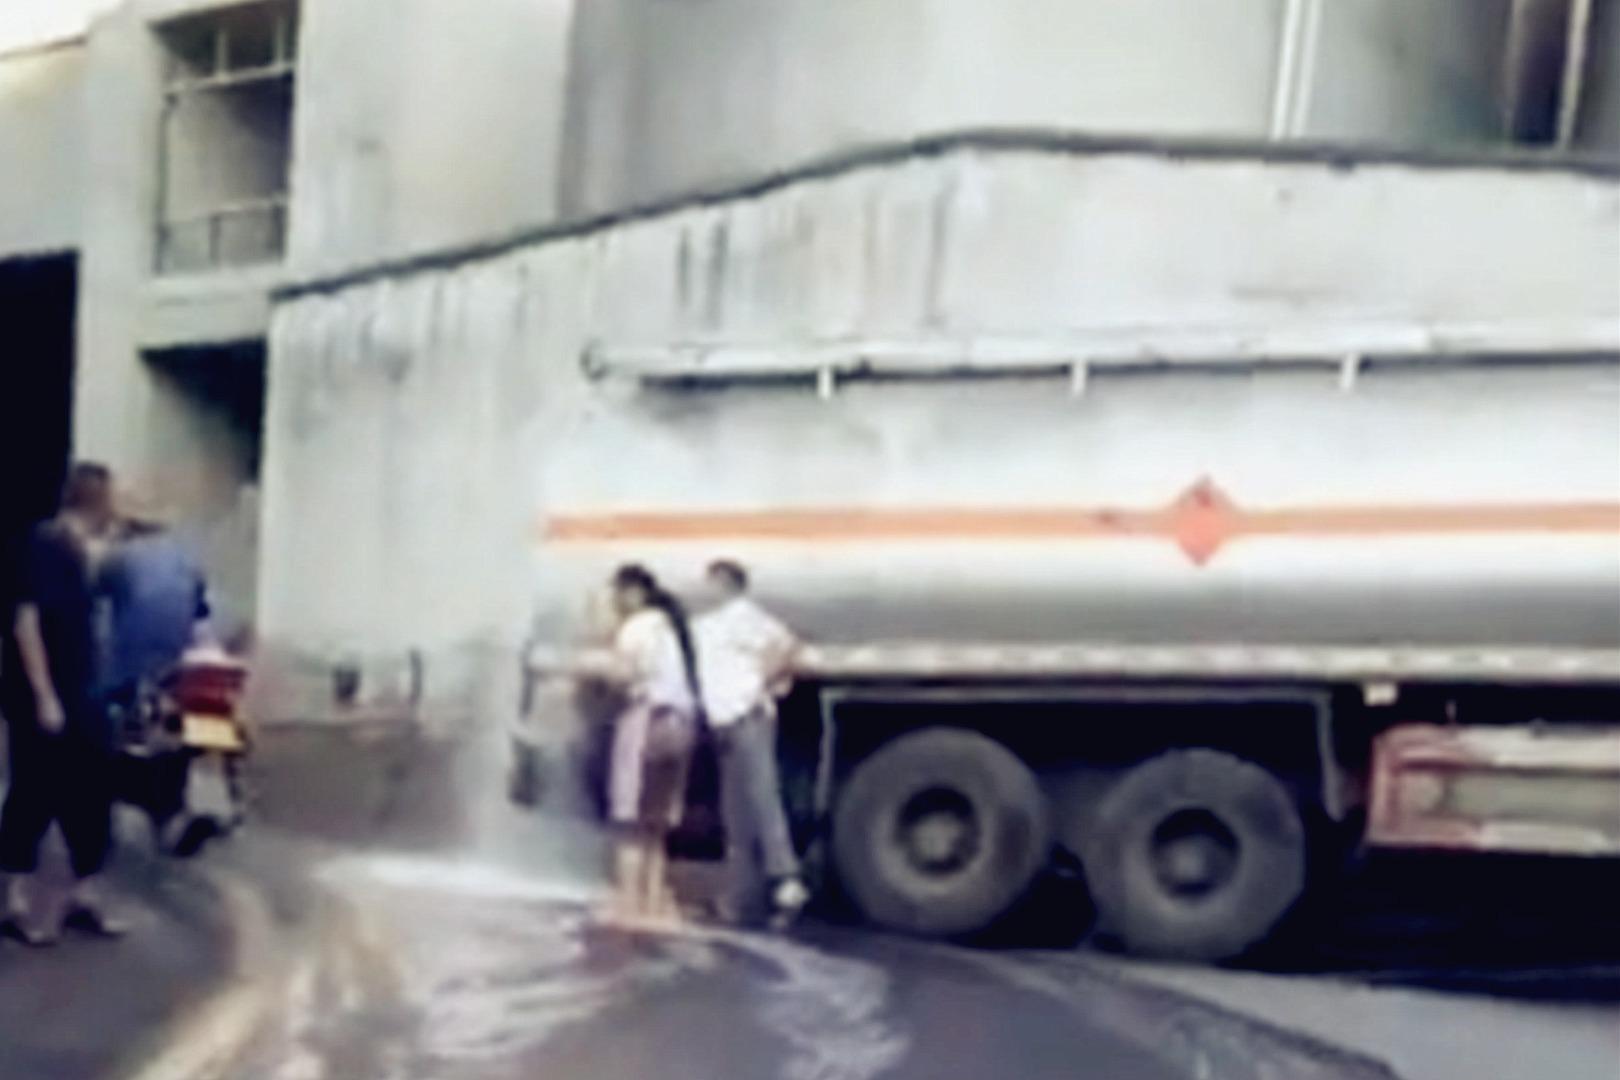 酱香味马路!茅台镇一罐车泄露20吨白酒 预计损失120万